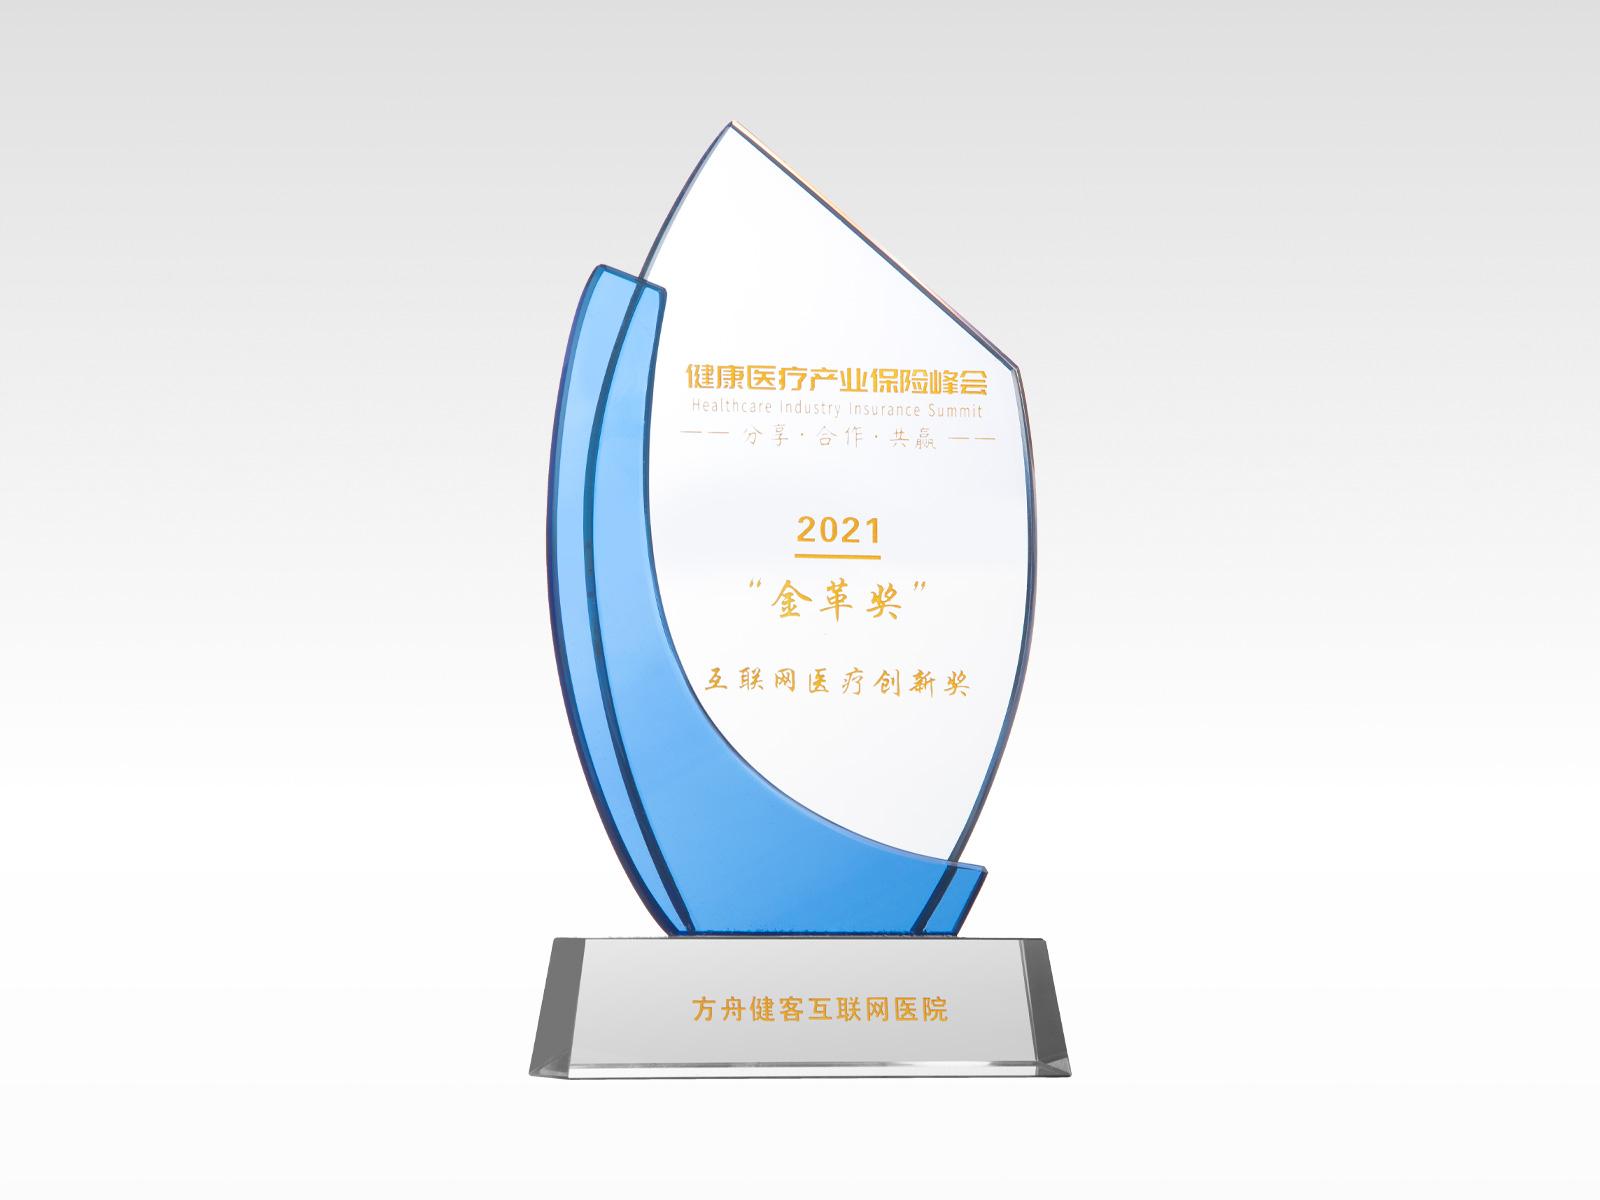 """2021 """"金革奖""""互联网医疗创新奖"""